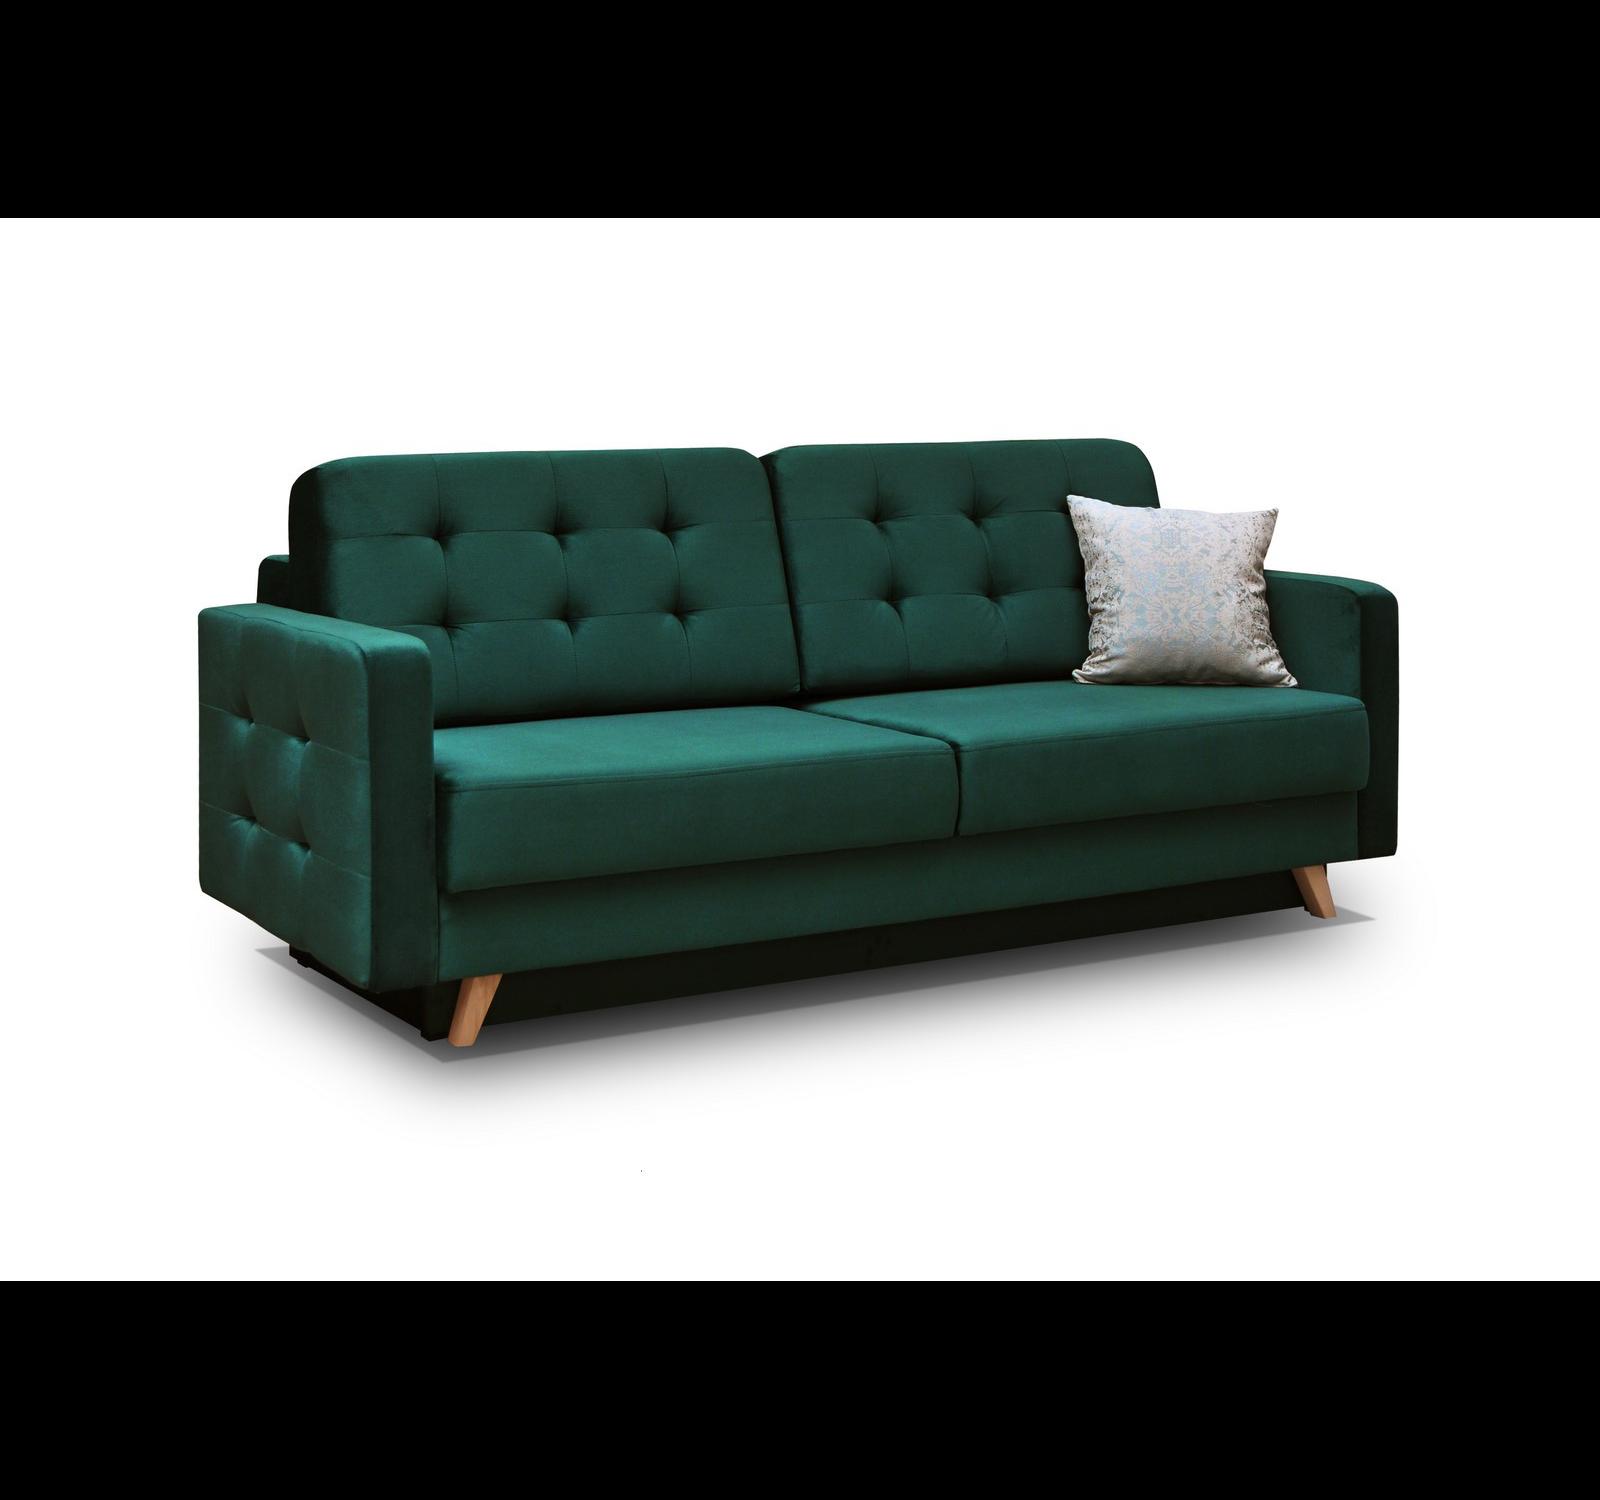 sofa carla dunkelgr n m bel muller braun. Black Bedroom Furniture Sets. Home Design Ideas